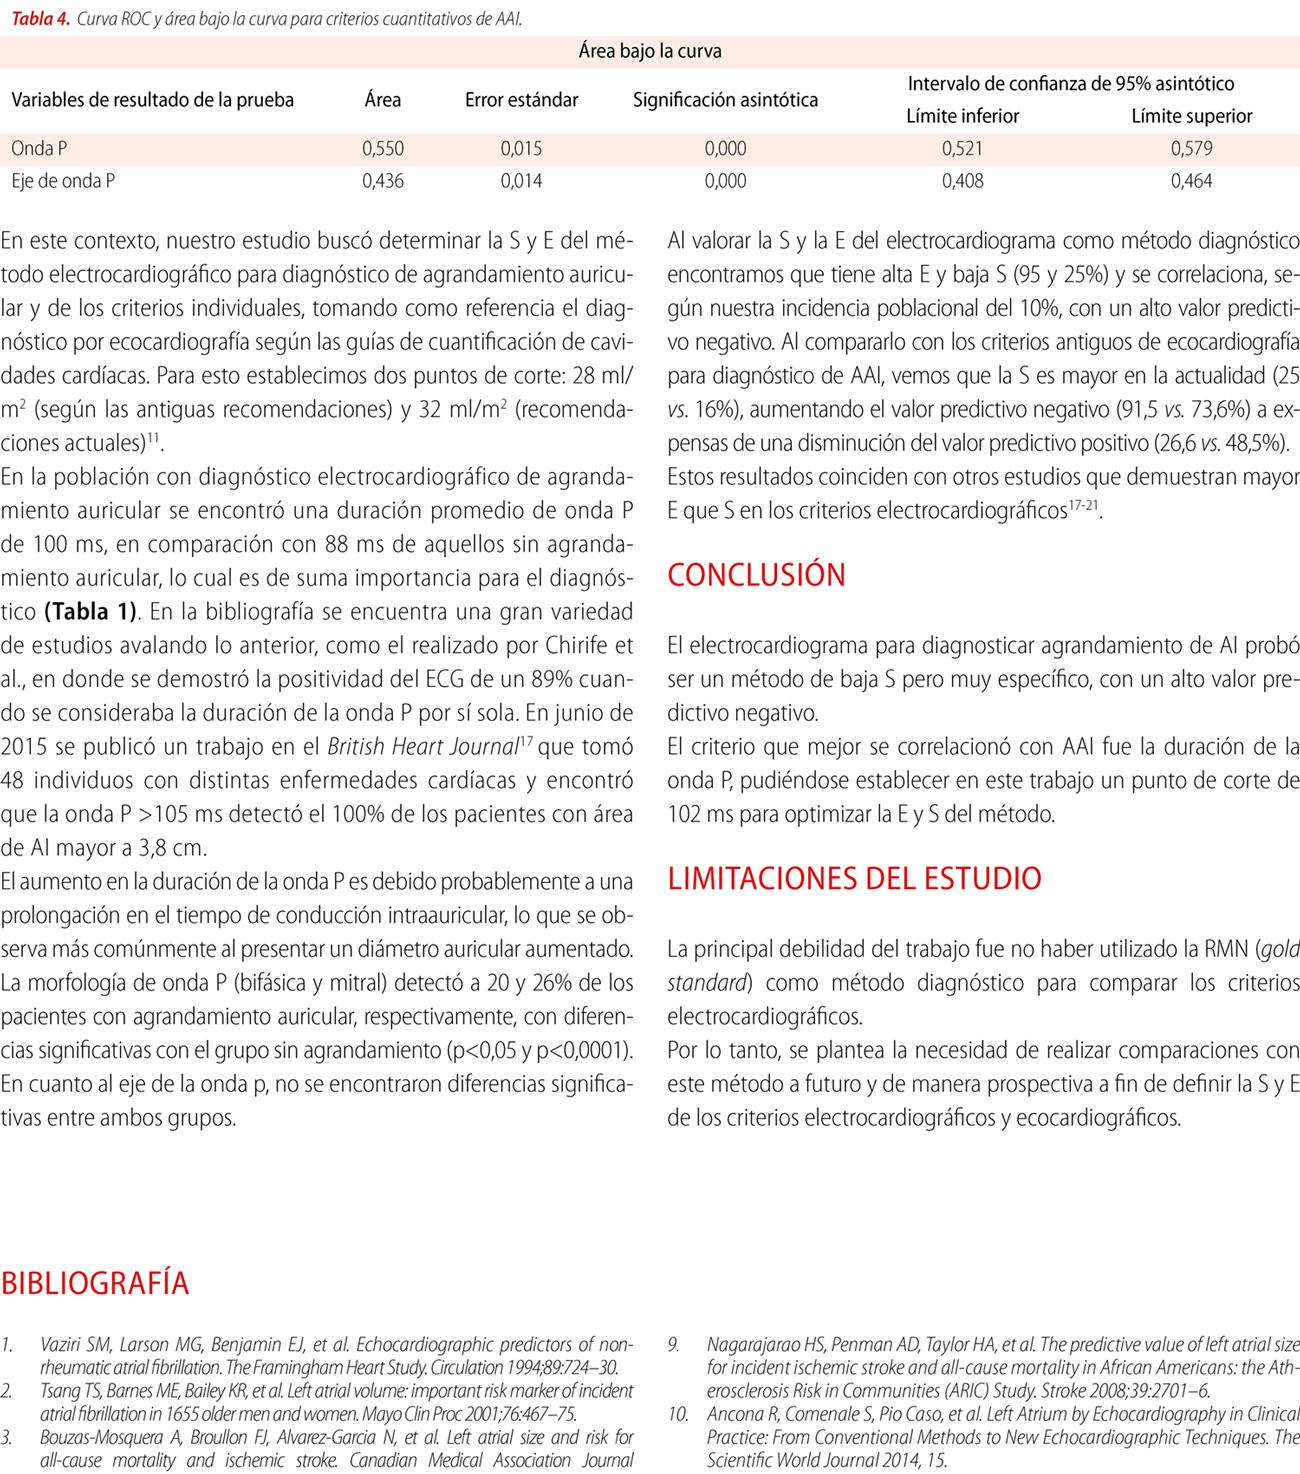 Correlación entre criterios electrocardiográficos de crecimiento auricular izquierdo y hallazgos ecocardiográficos